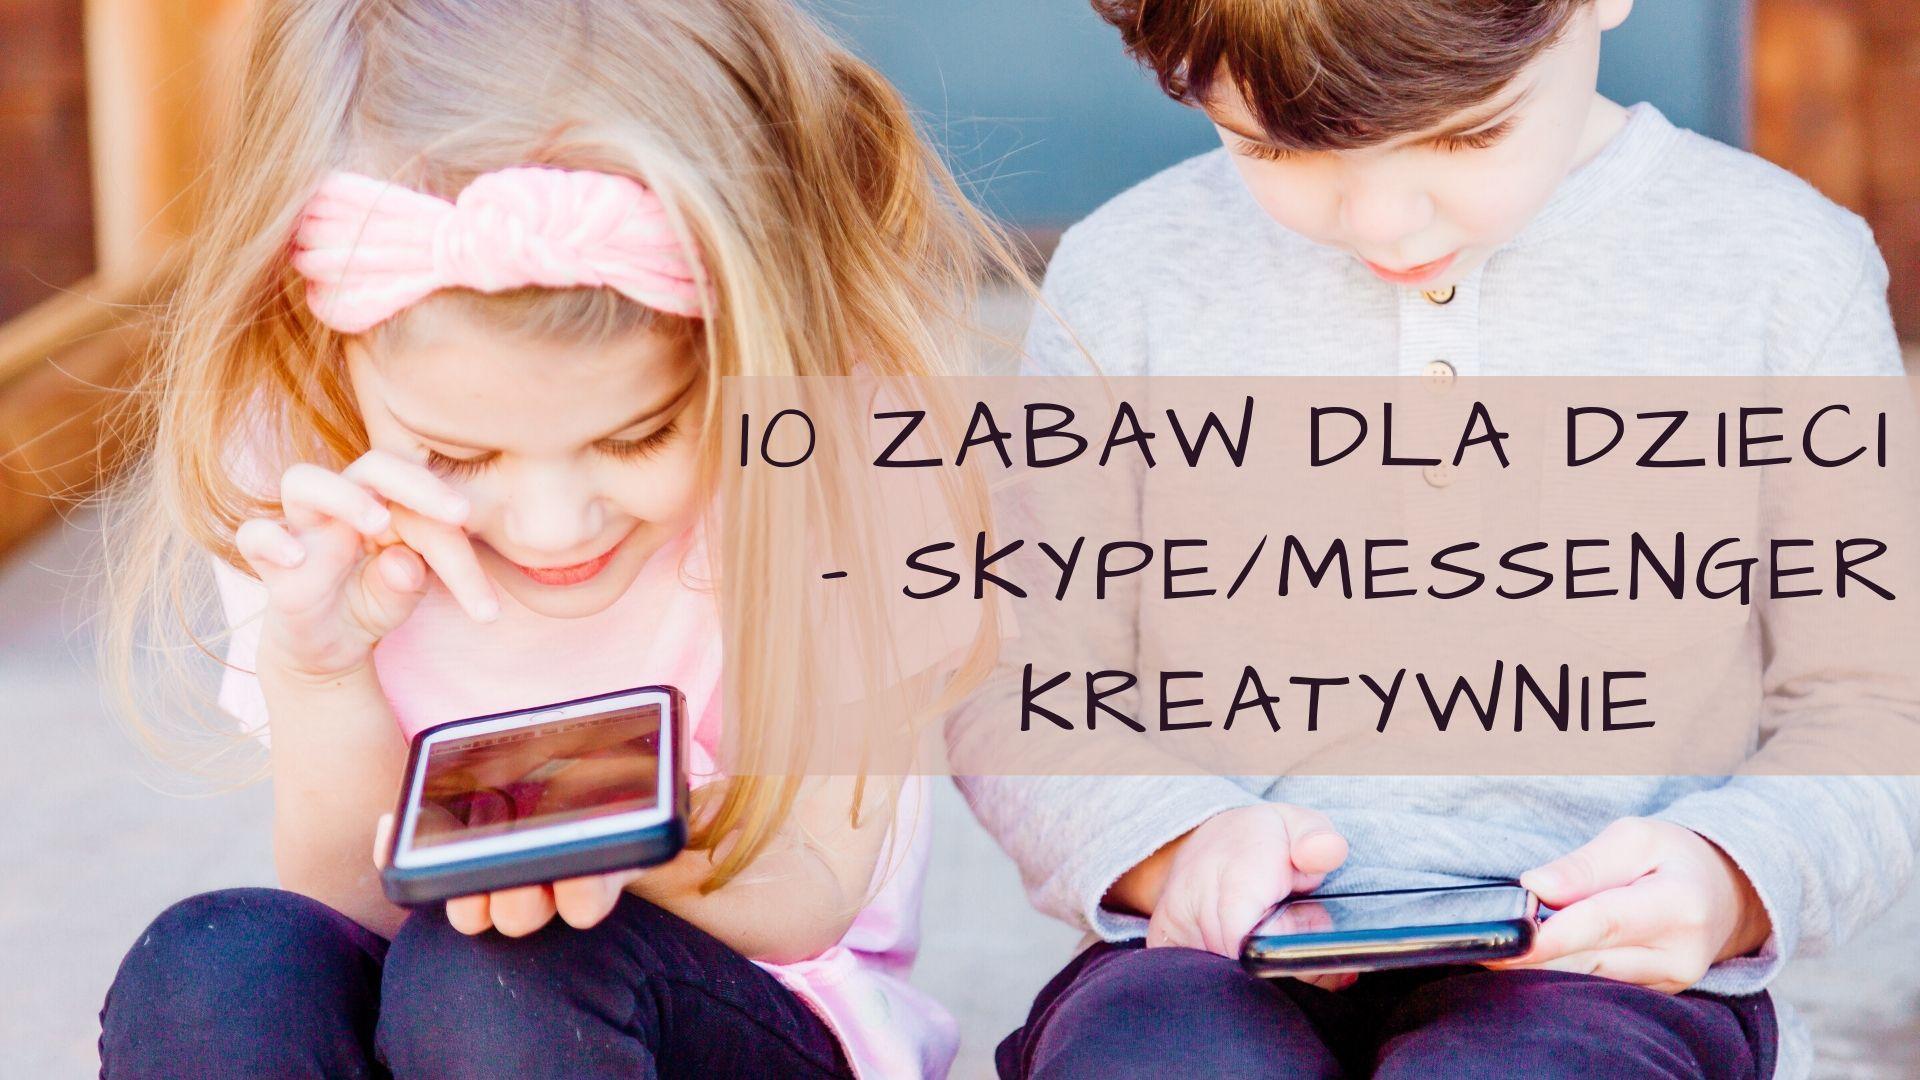 10 zabaw, które można zorganizować przez Skype lub Messenger